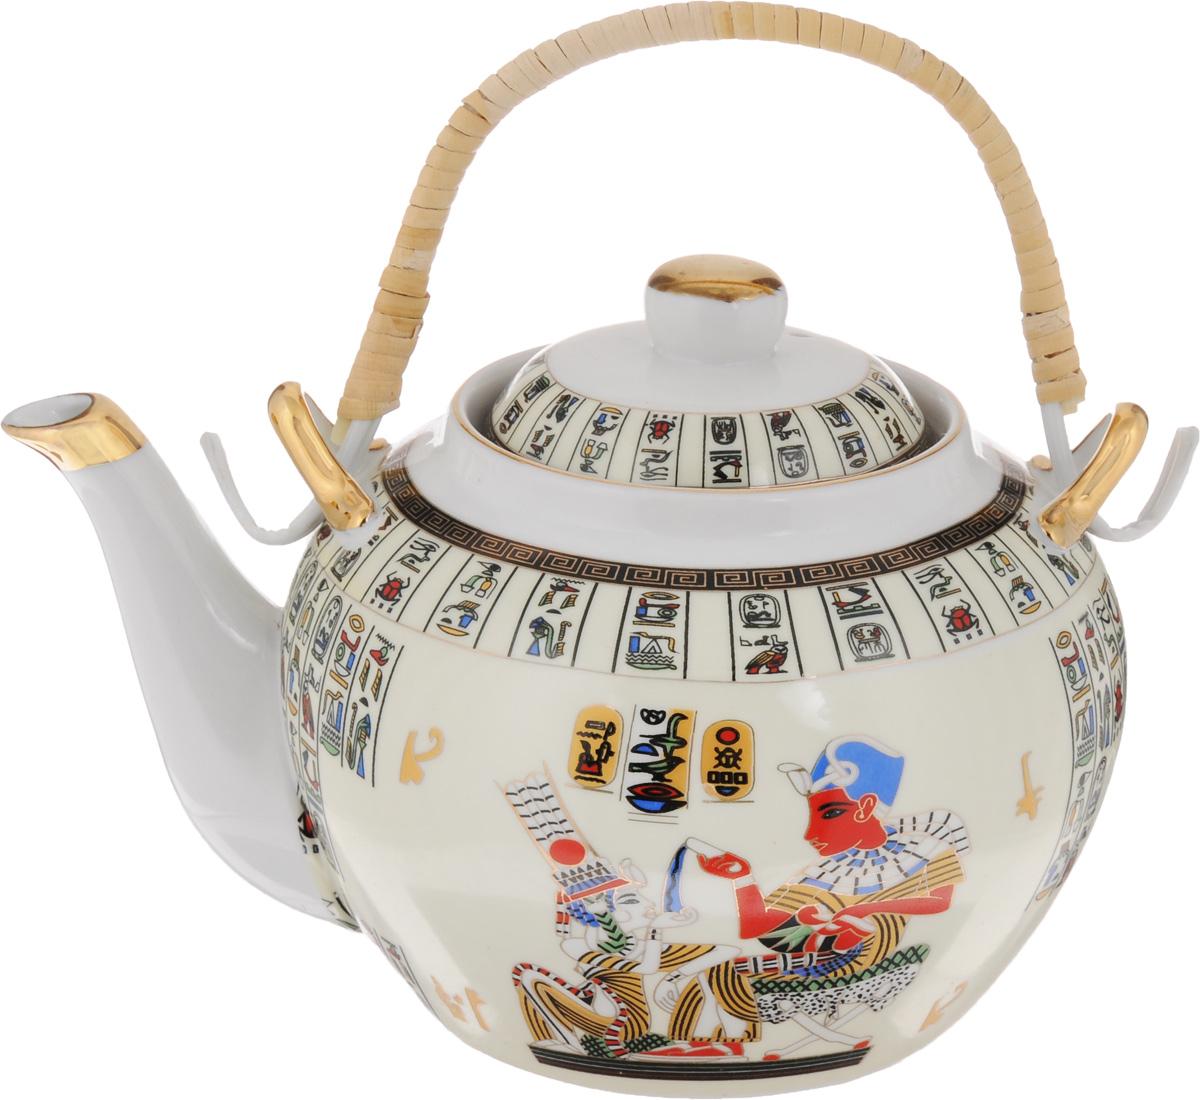 Чайник заварочный Loraine Египет, с фильтром, 1 л. 2113221132Заварочный чайник Loraine Египет изготовлен из керамики и оформлен красивым рисунком. Чайник оснащен сетчатым фильтром из металла, который задерживает чаинки и предотвращает их попадание в чашку. Заварочный чайник Loraine Египет займет достойное место на вашей кухне, а также послужит хорошим подарком для друзей и близких. Диаметр: 6 см. Диаметр основания: 9 см. Высота фильтра: 5 см. Высота чайника (без учета ручки и крышки): 11 см.